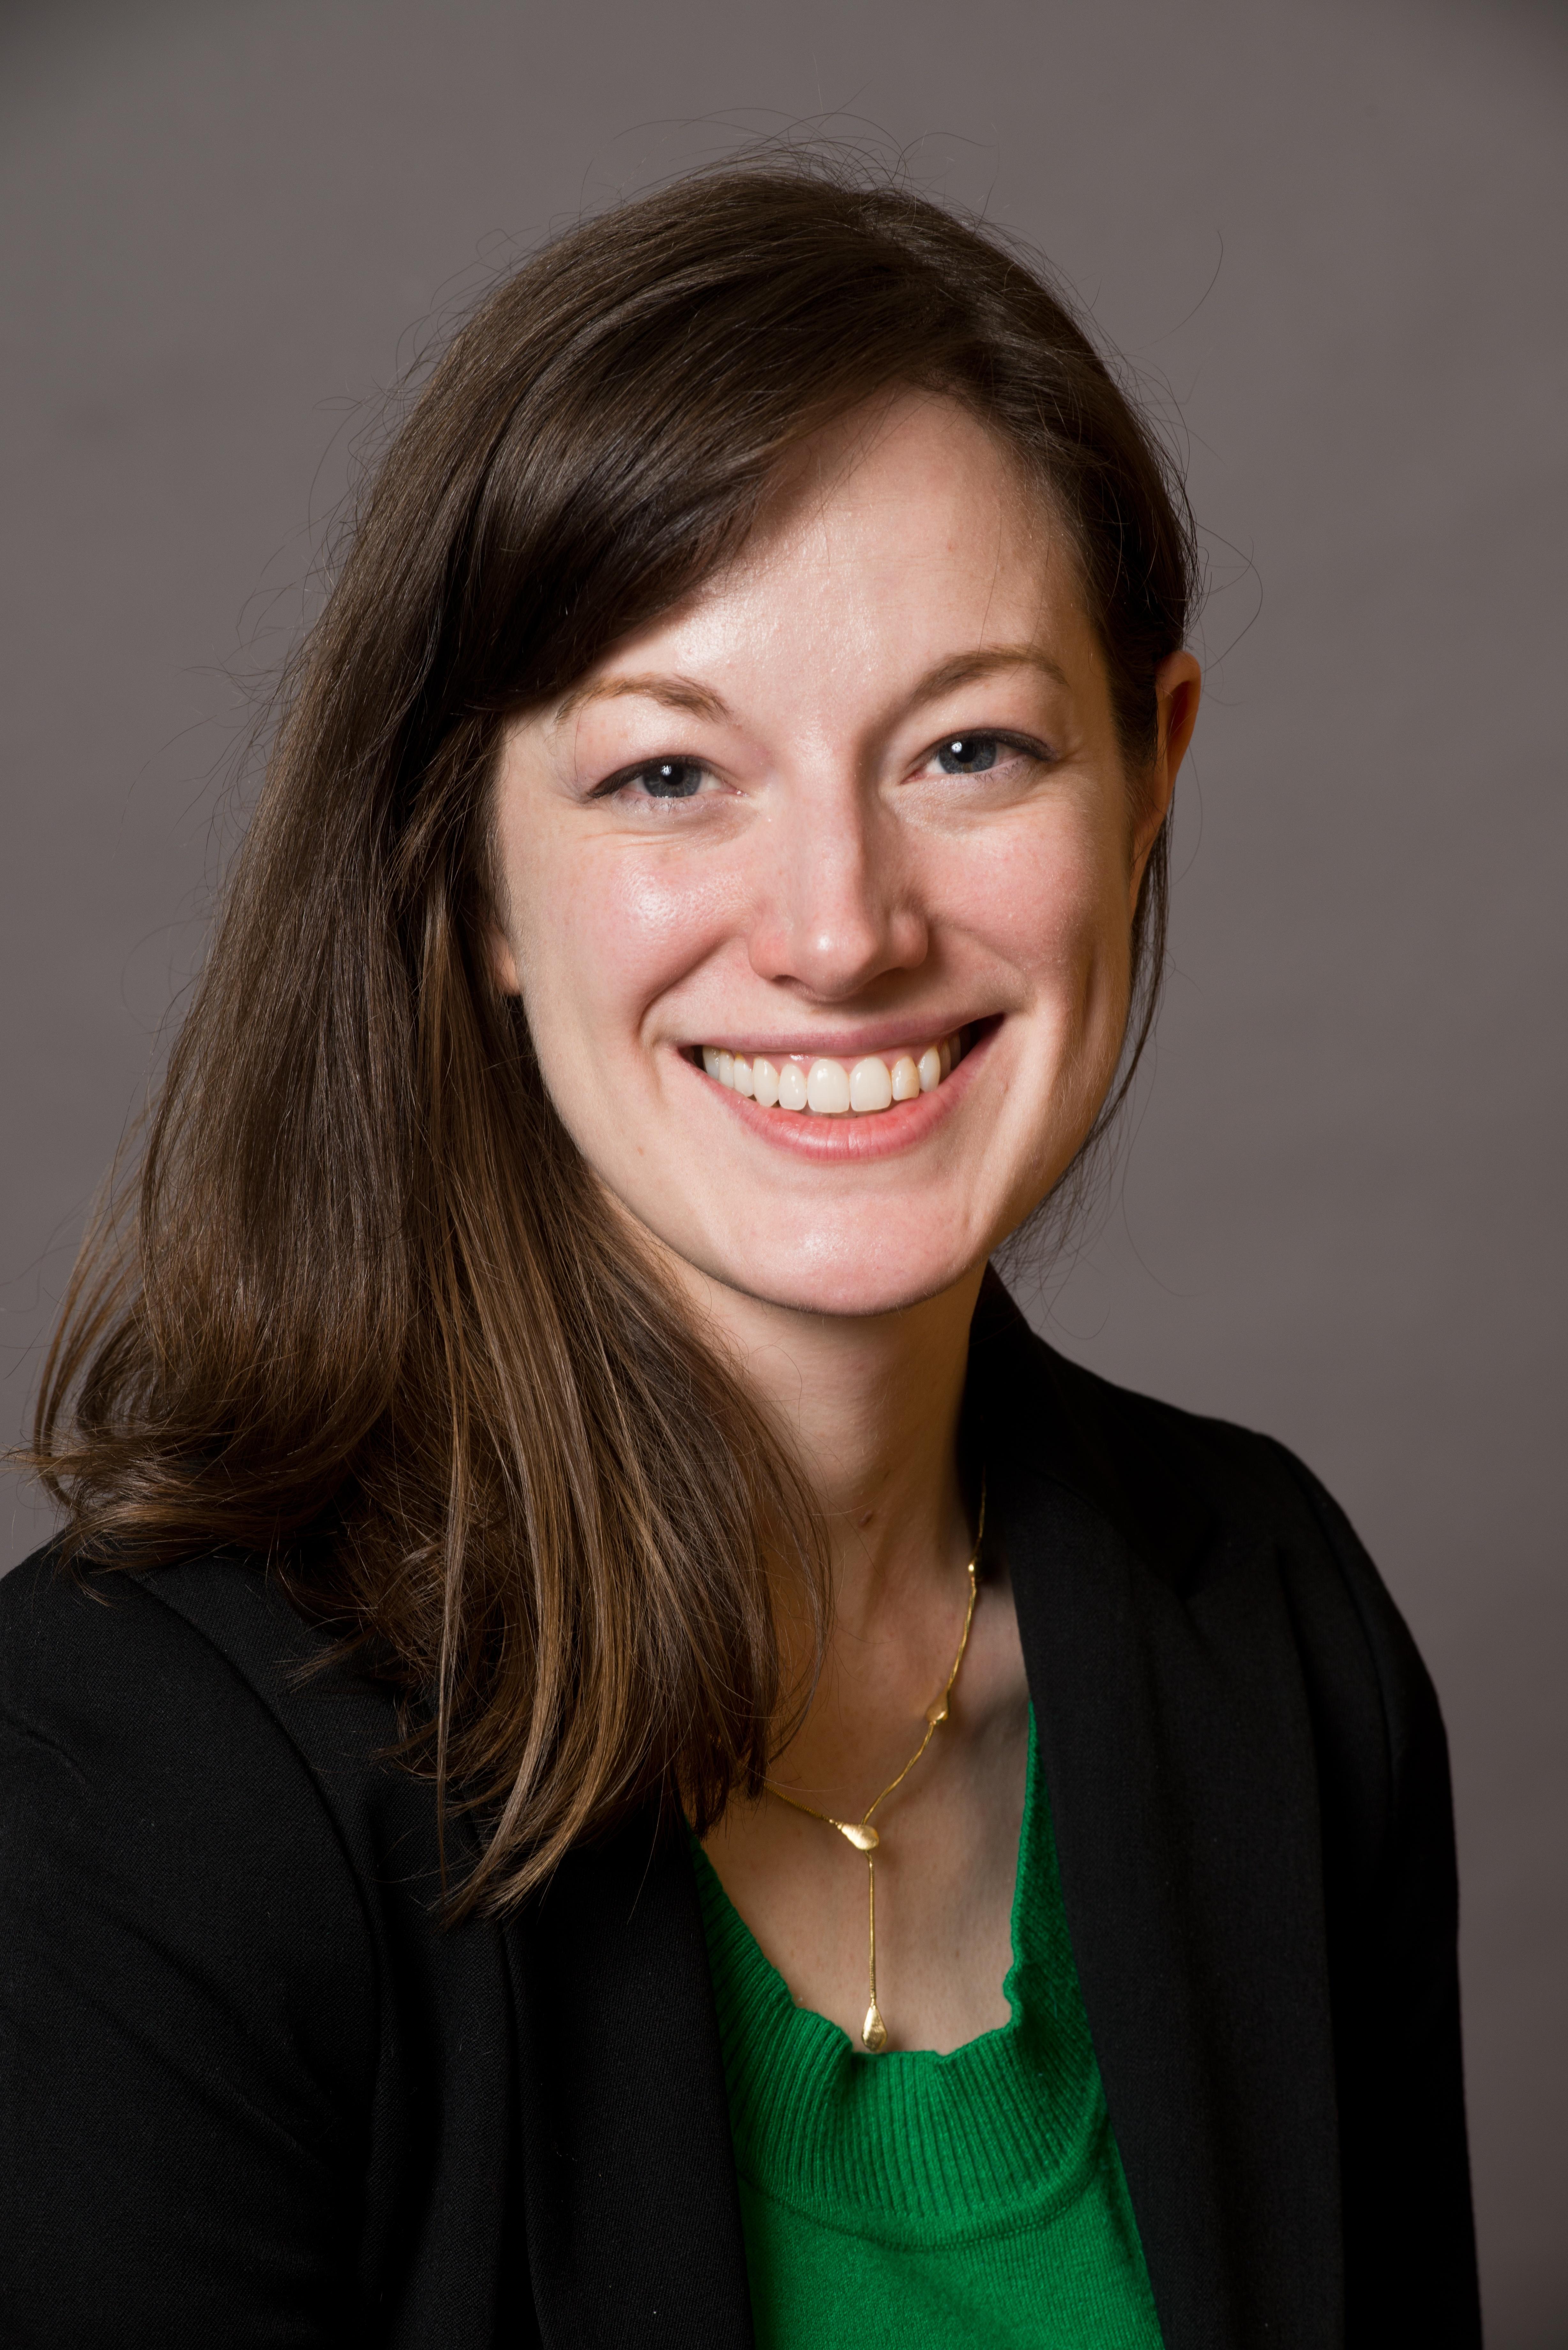 Emily French Thomas